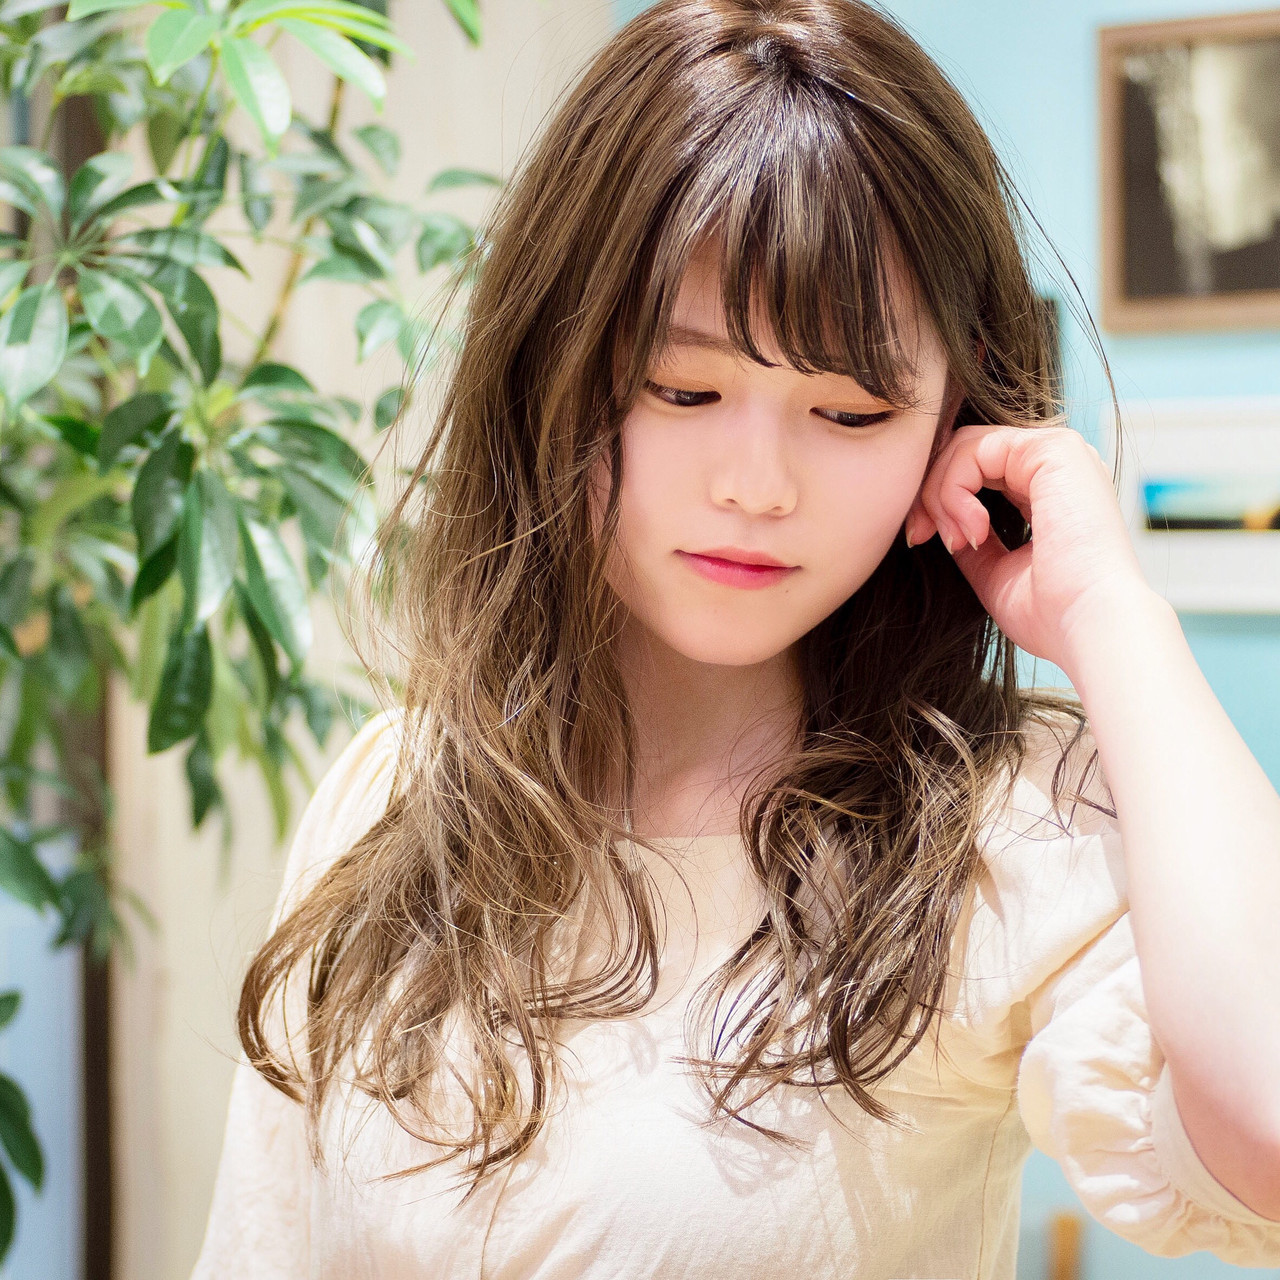 目に止まる可愛さ♡2019年春夏・秋冬大注目の髪色をピックアップ